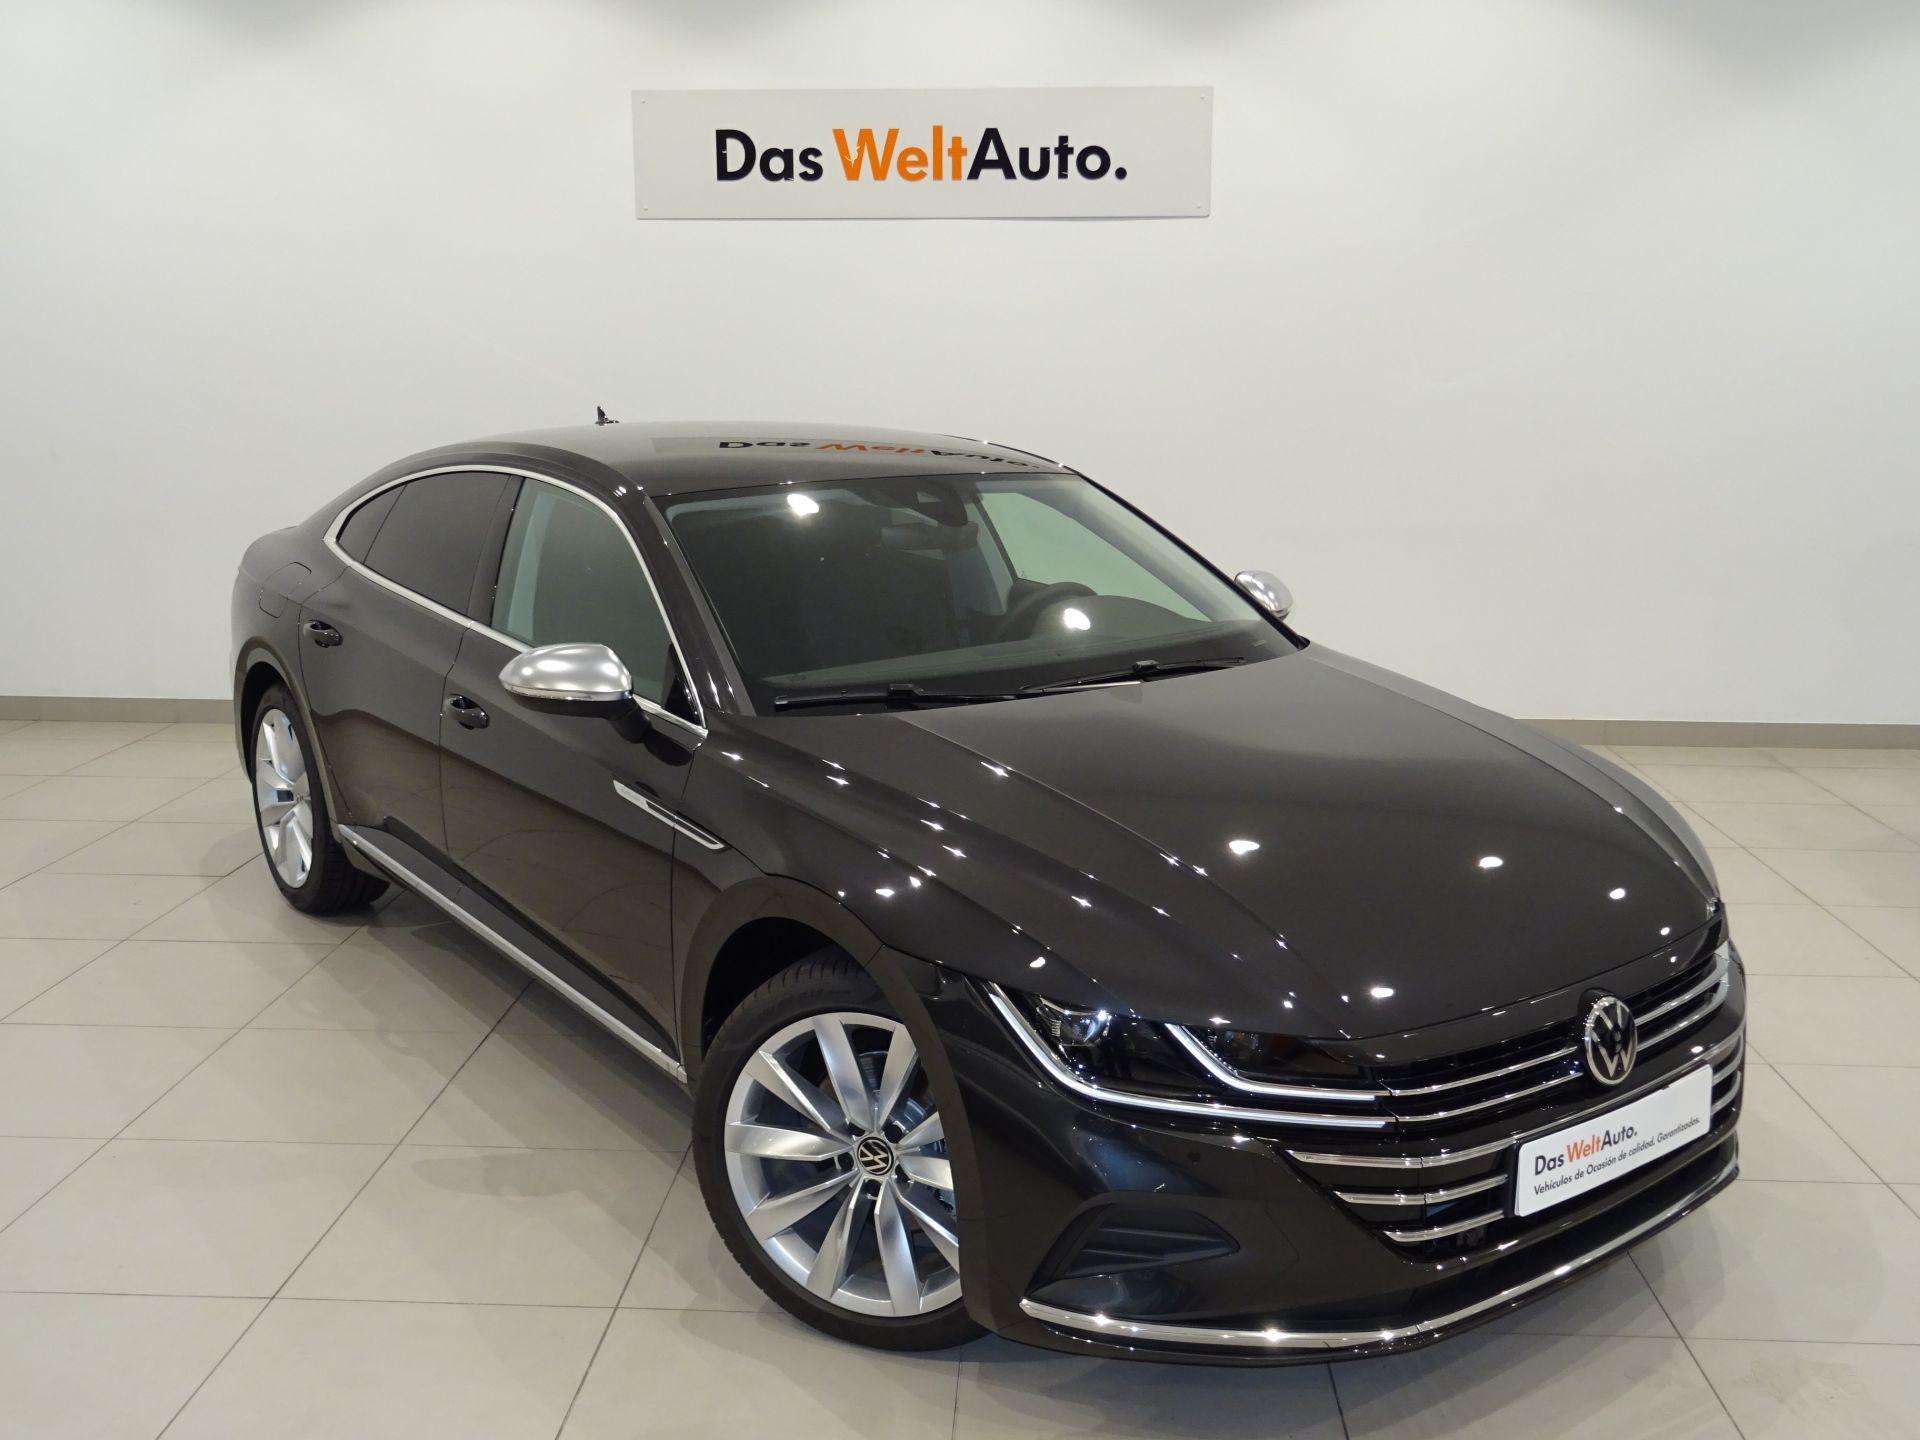 Volkswagen Arteon Elegance 2.0 TDI 110kW (150CV) DSG